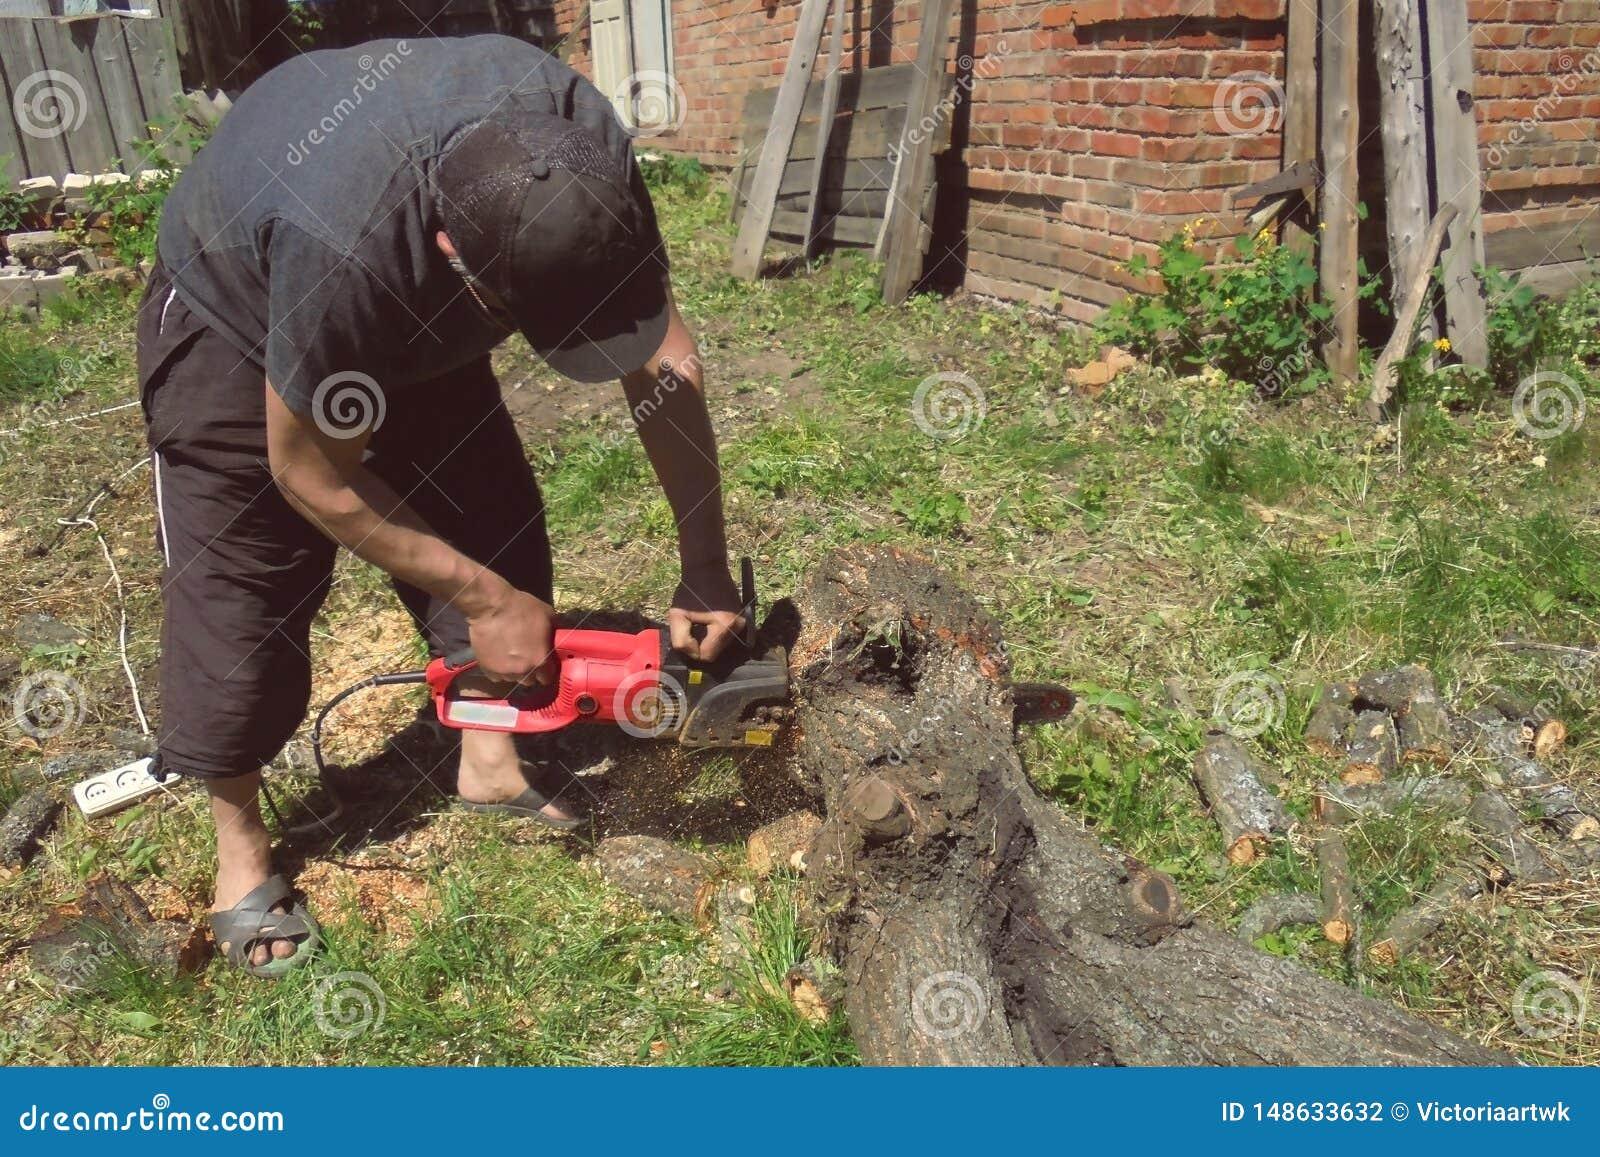 Un hombre está aserrando un árbol con una sierra eléctrica en la yarda